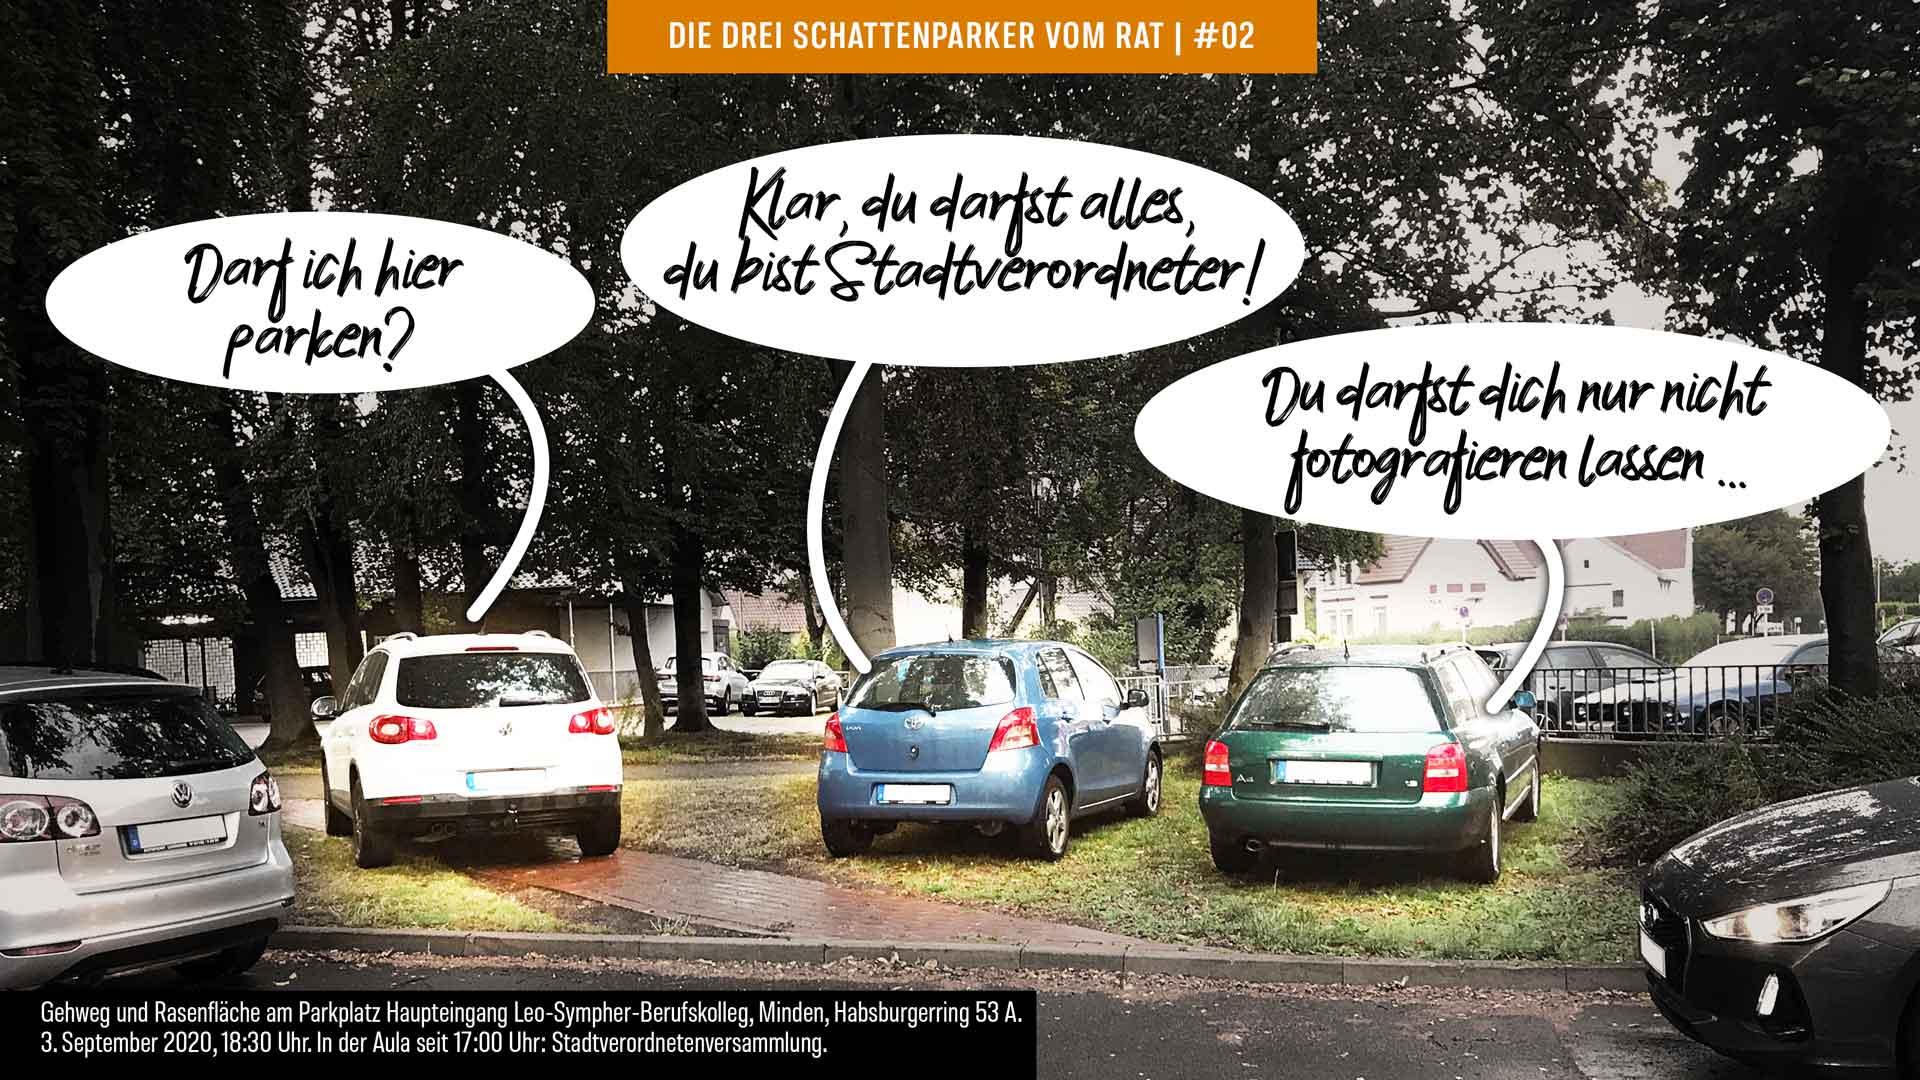 Foto-Cartoon: Mindens Stadtverordnete können nicht mal richtig parken #02